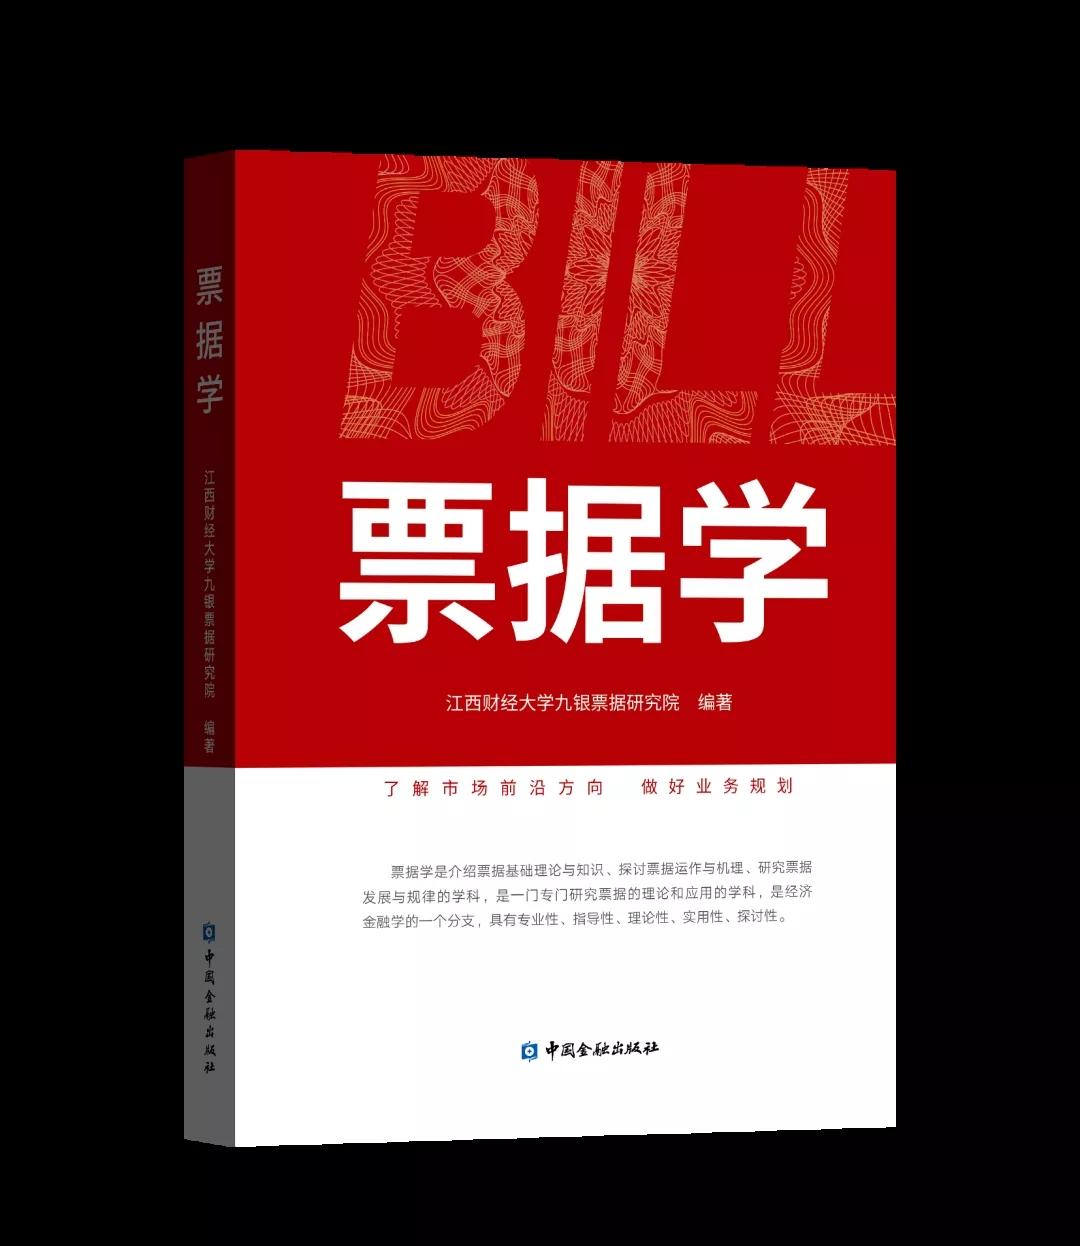 《票据学》:中国票据市场发展的全景探试